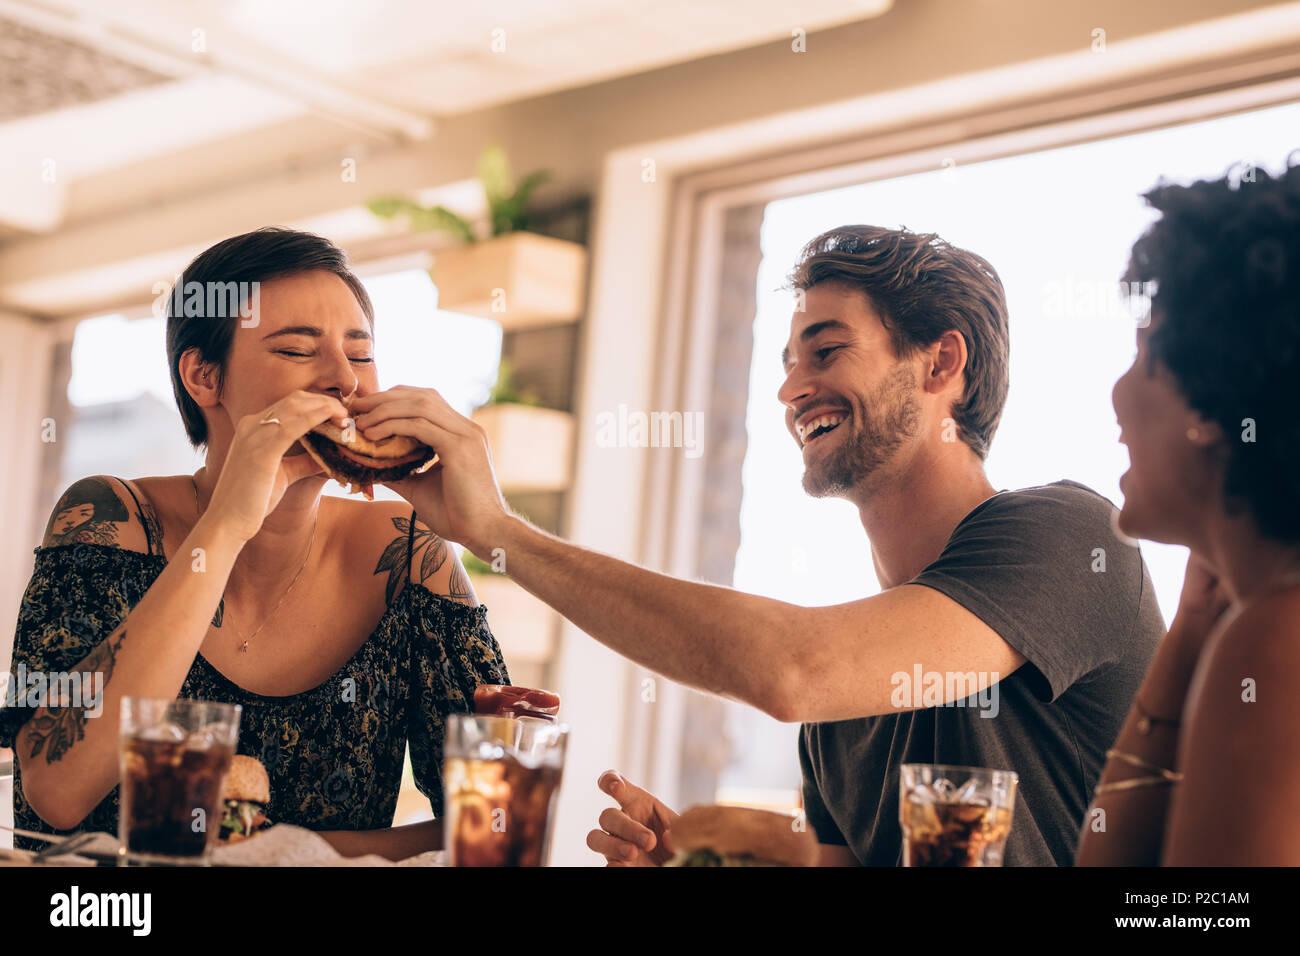 Femme de prendre une bouchée d'amis burger du restaurant. Groupe de jeunes ayant la nourriture dans un restaurant. Photo Stock